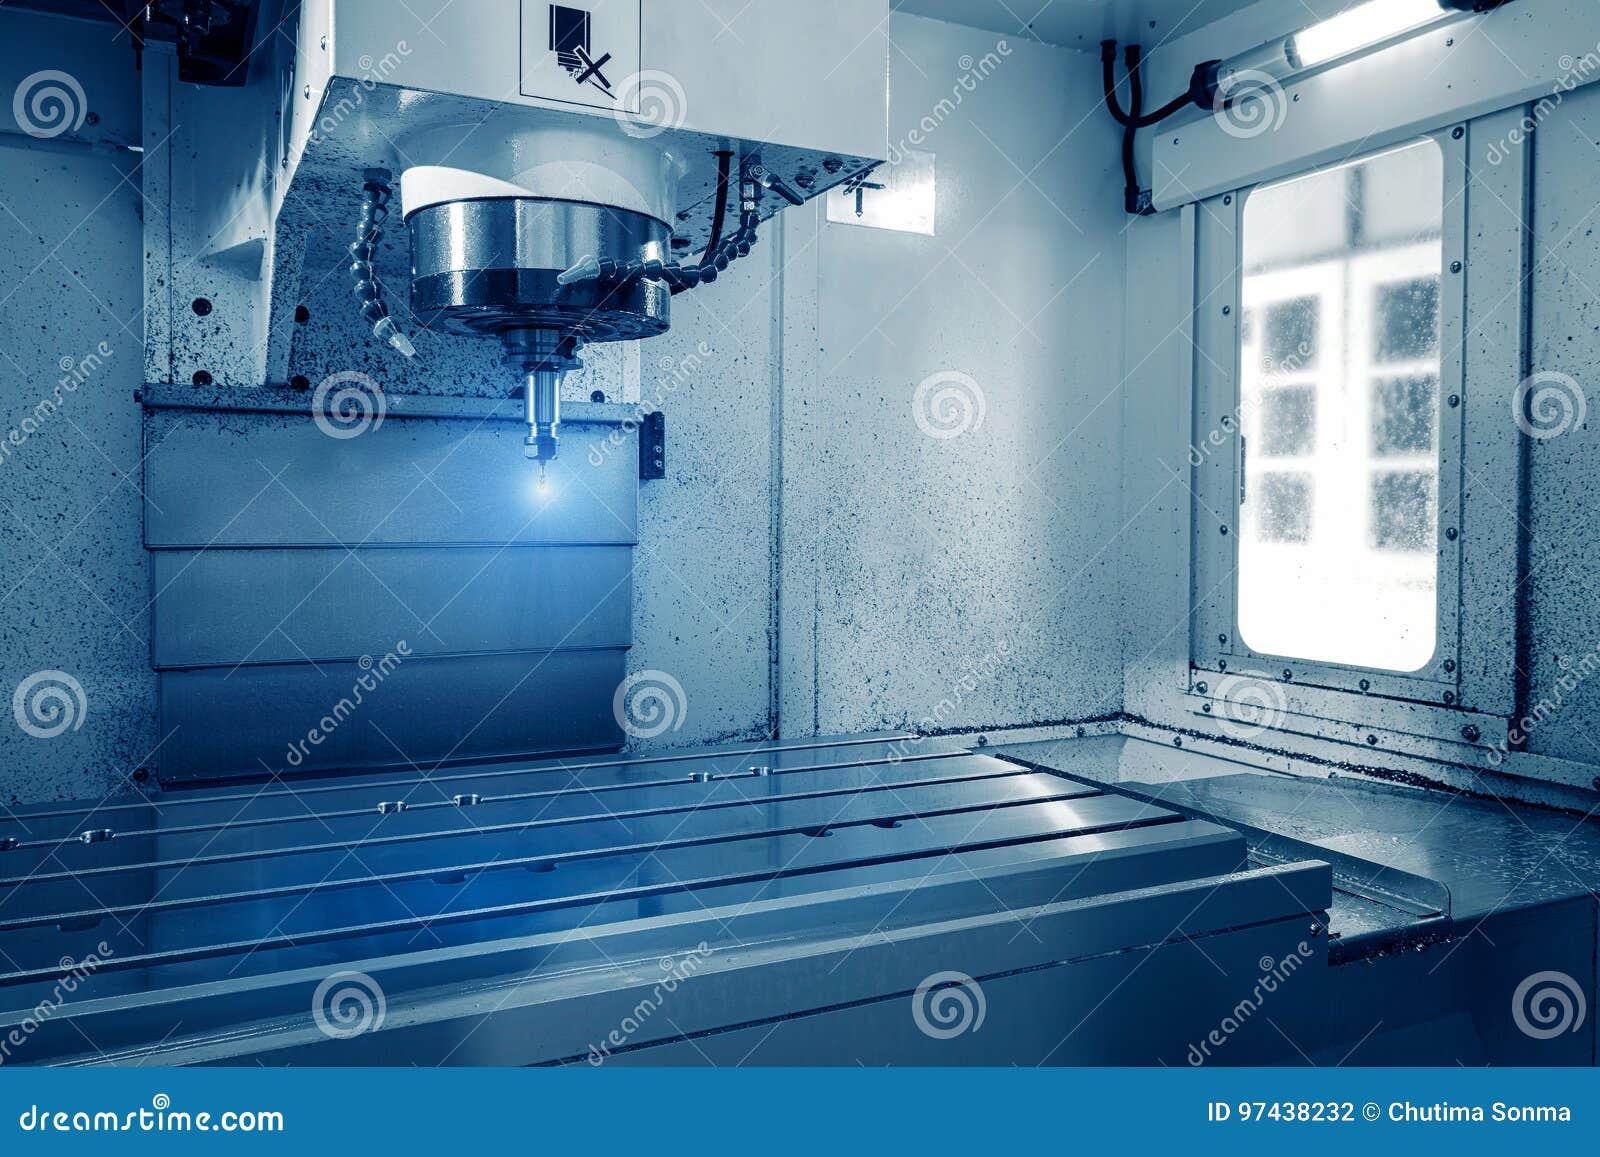 Procédé de fraisage de travail des métaux de coupe Usinage industriel de commande numérique par ordinateur de précision du détail